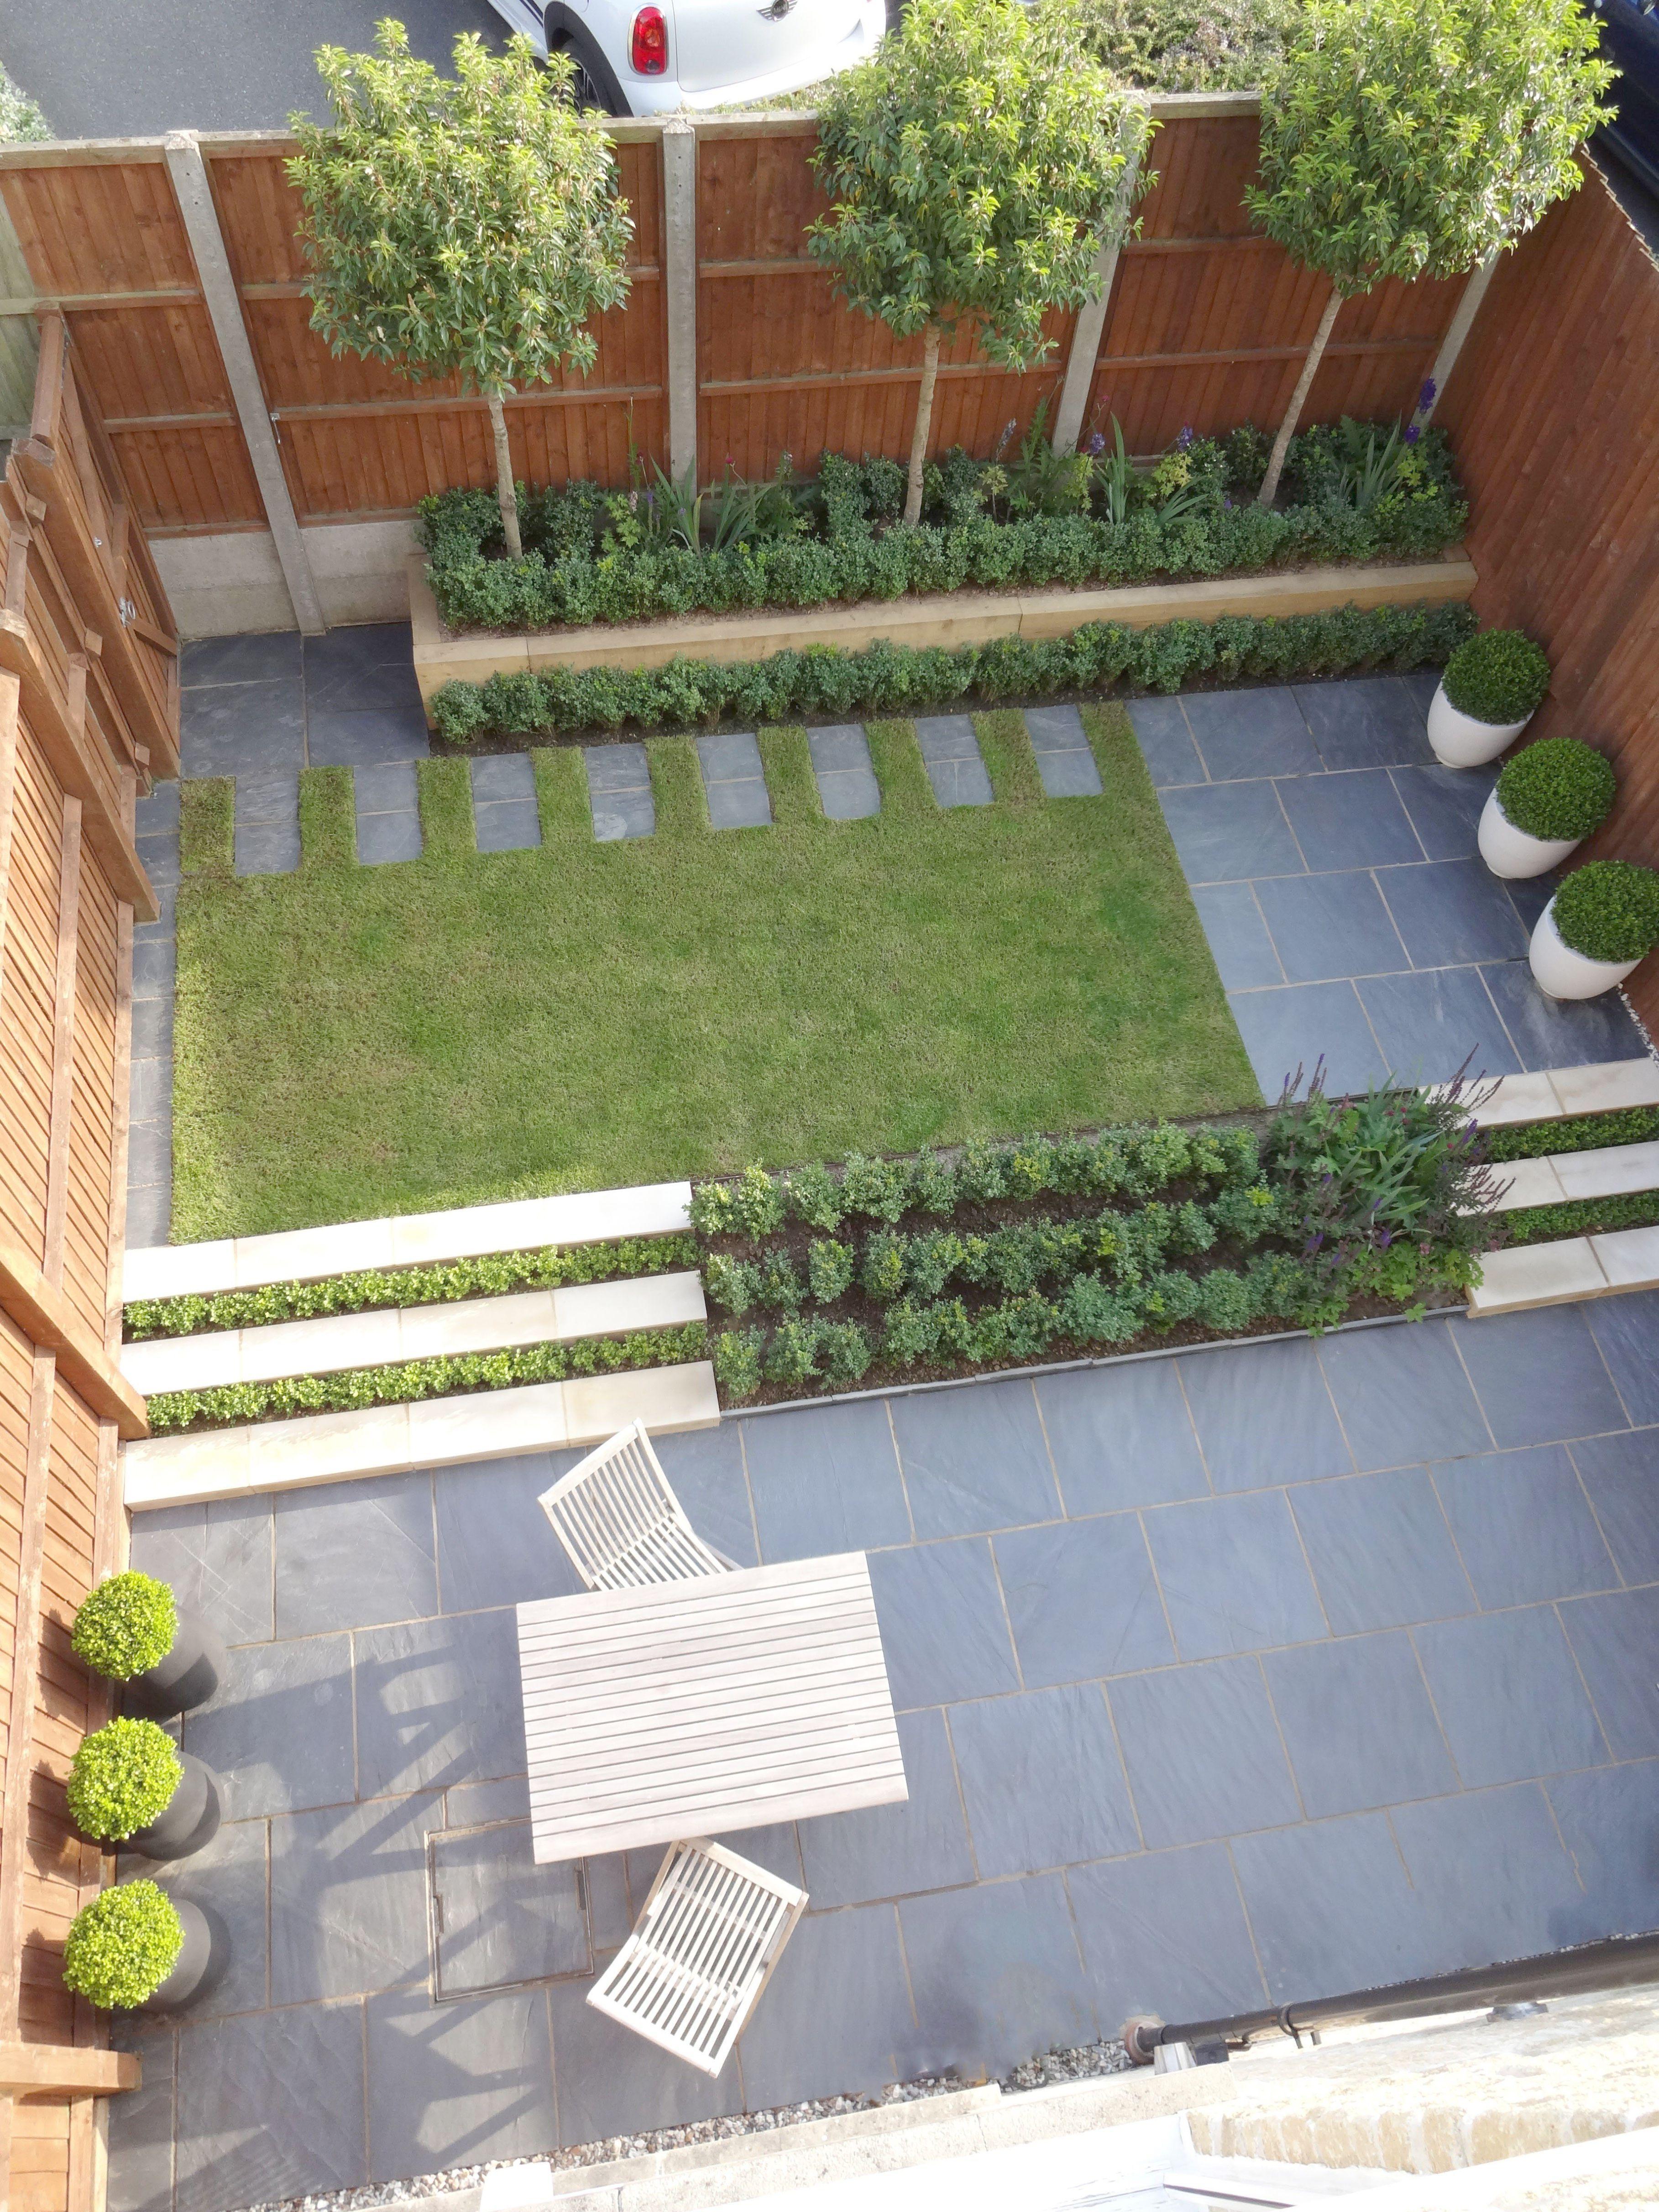 Landscape Gardening Jobs Nottingham Unlike Modern Landscape Design Las Vegas Landscape Gard Small Garden Landscape Small Backyard Landscaping Garden Design